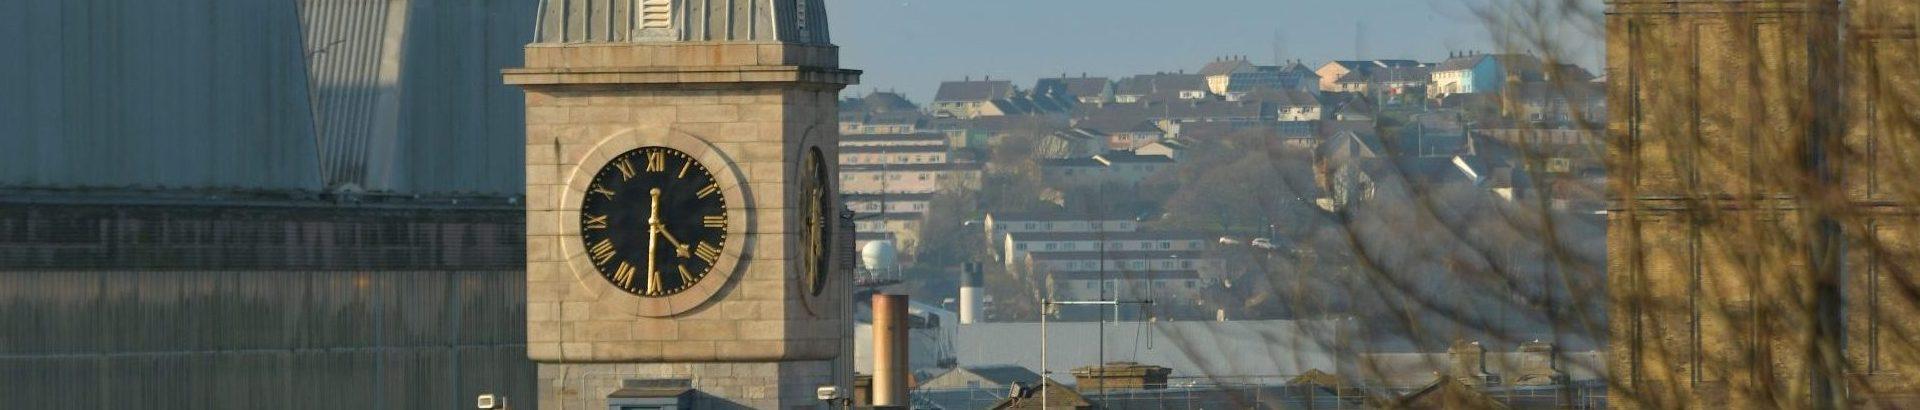 Albert Road Gate Clock Tower